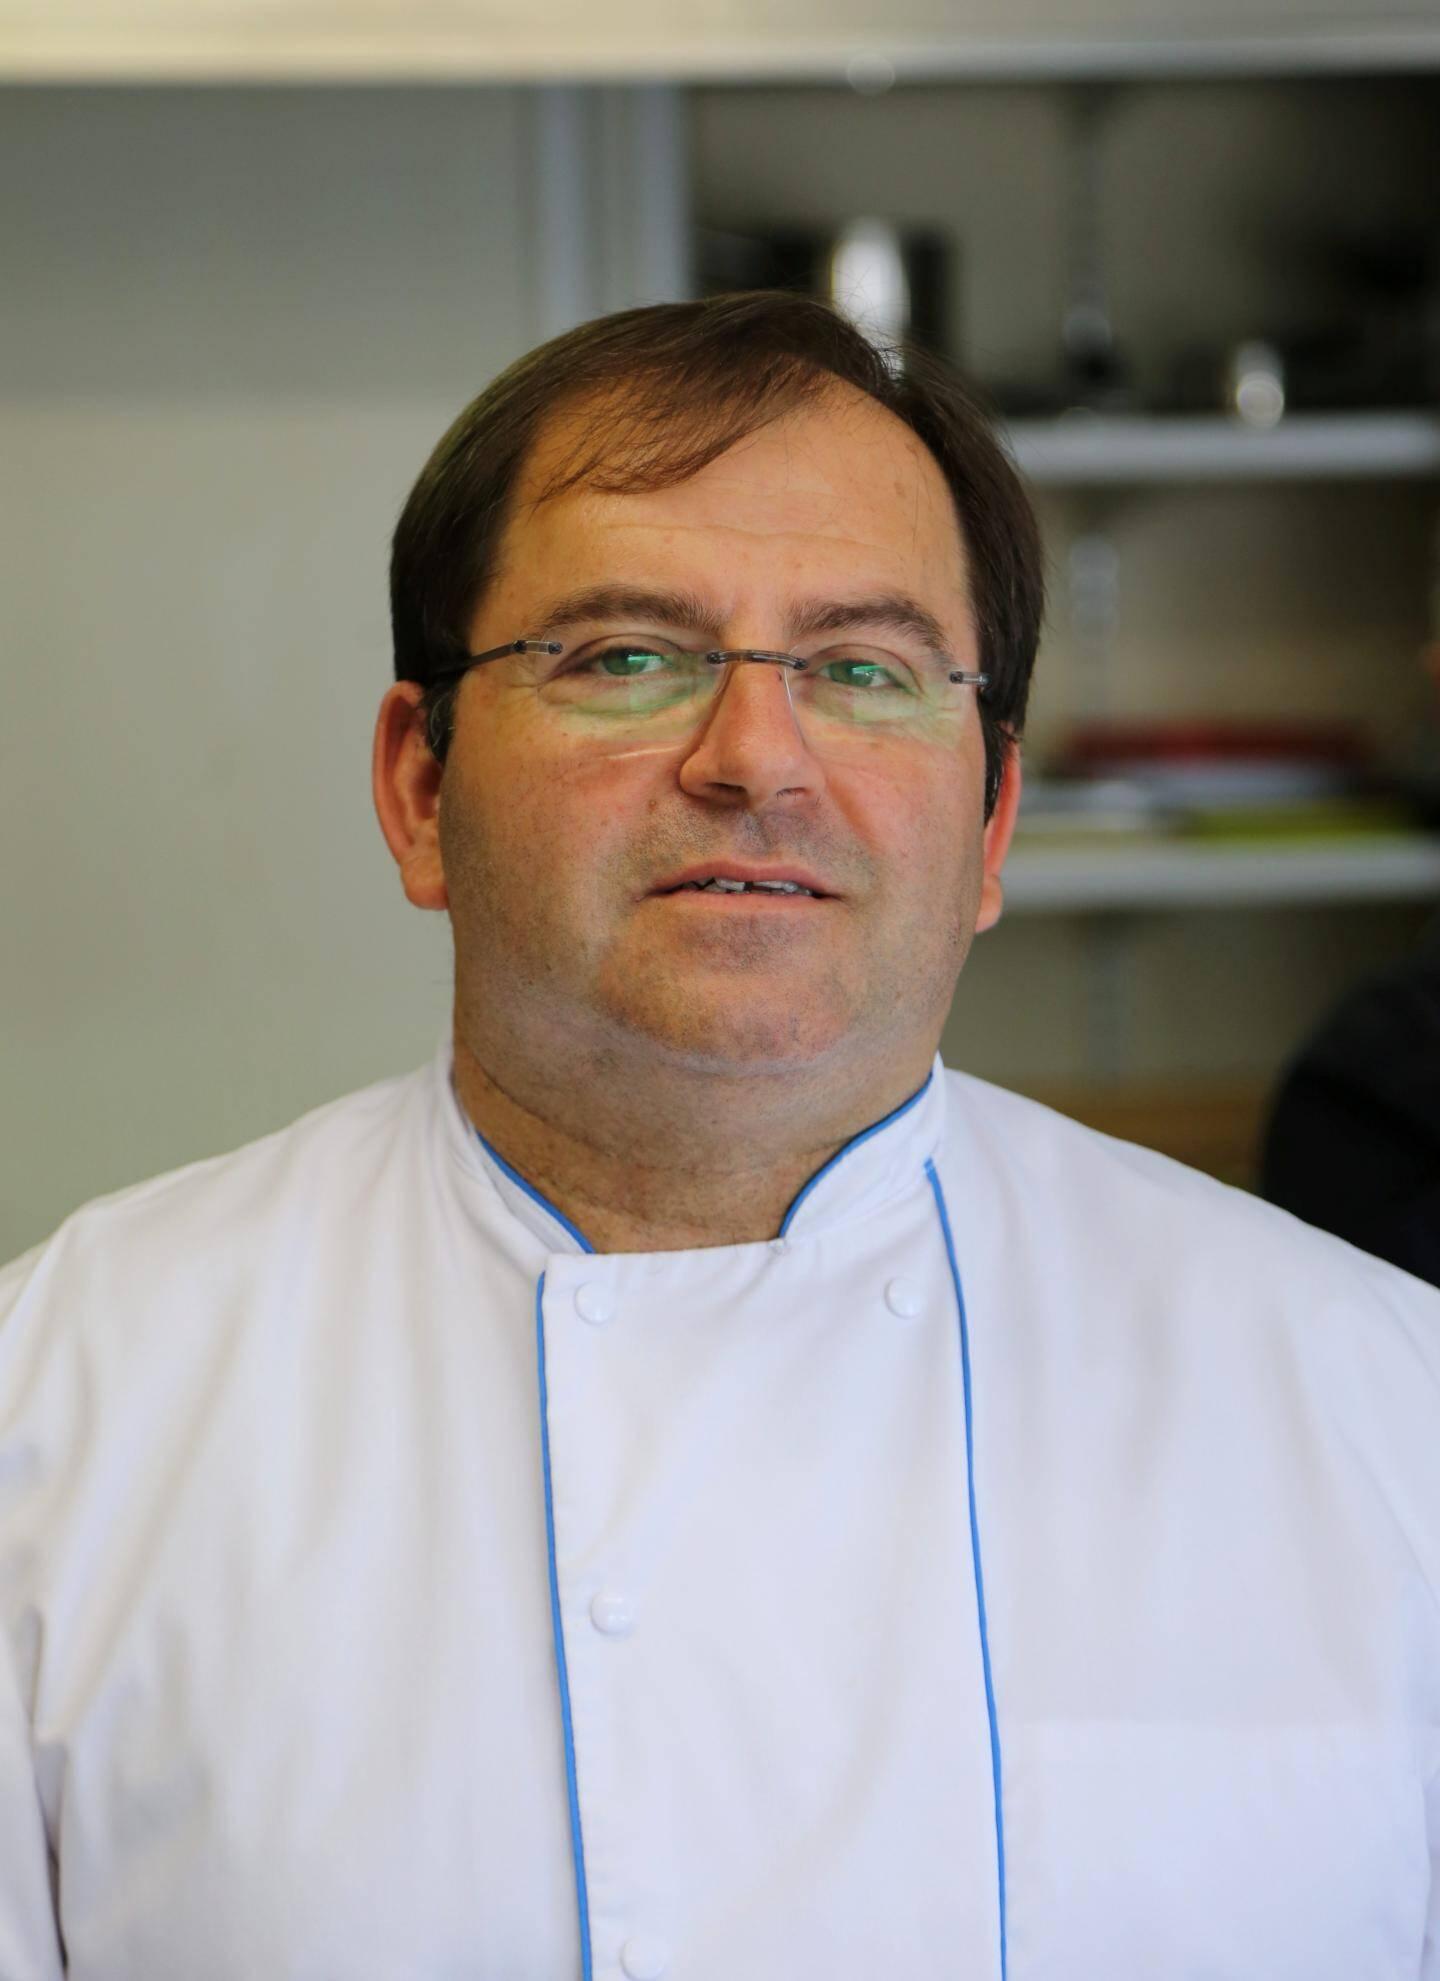 Emmanuel Chartron, de St-Tropez